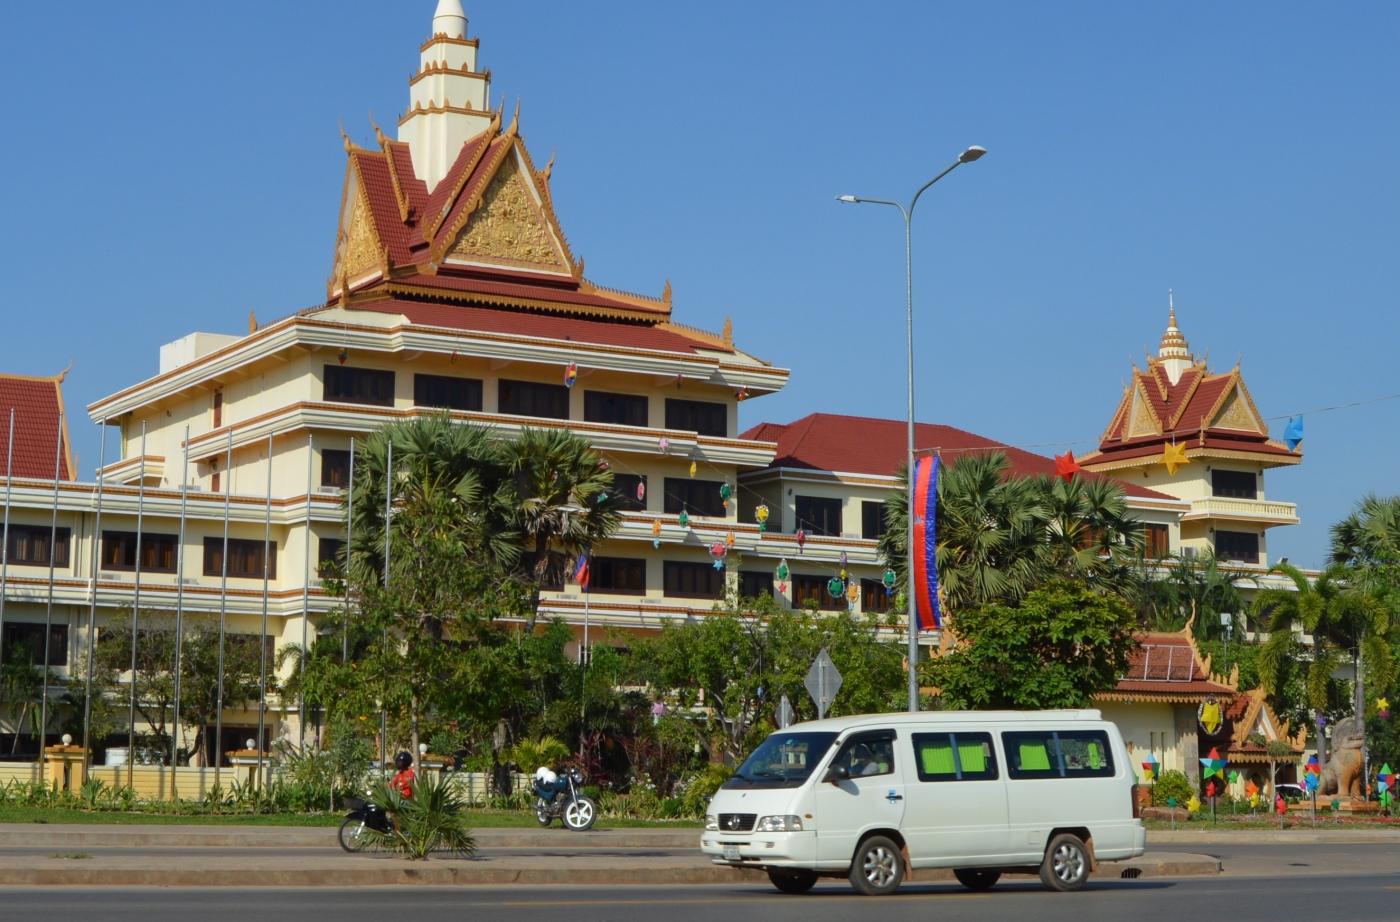 柬埔寨暹粒印象_图1-4